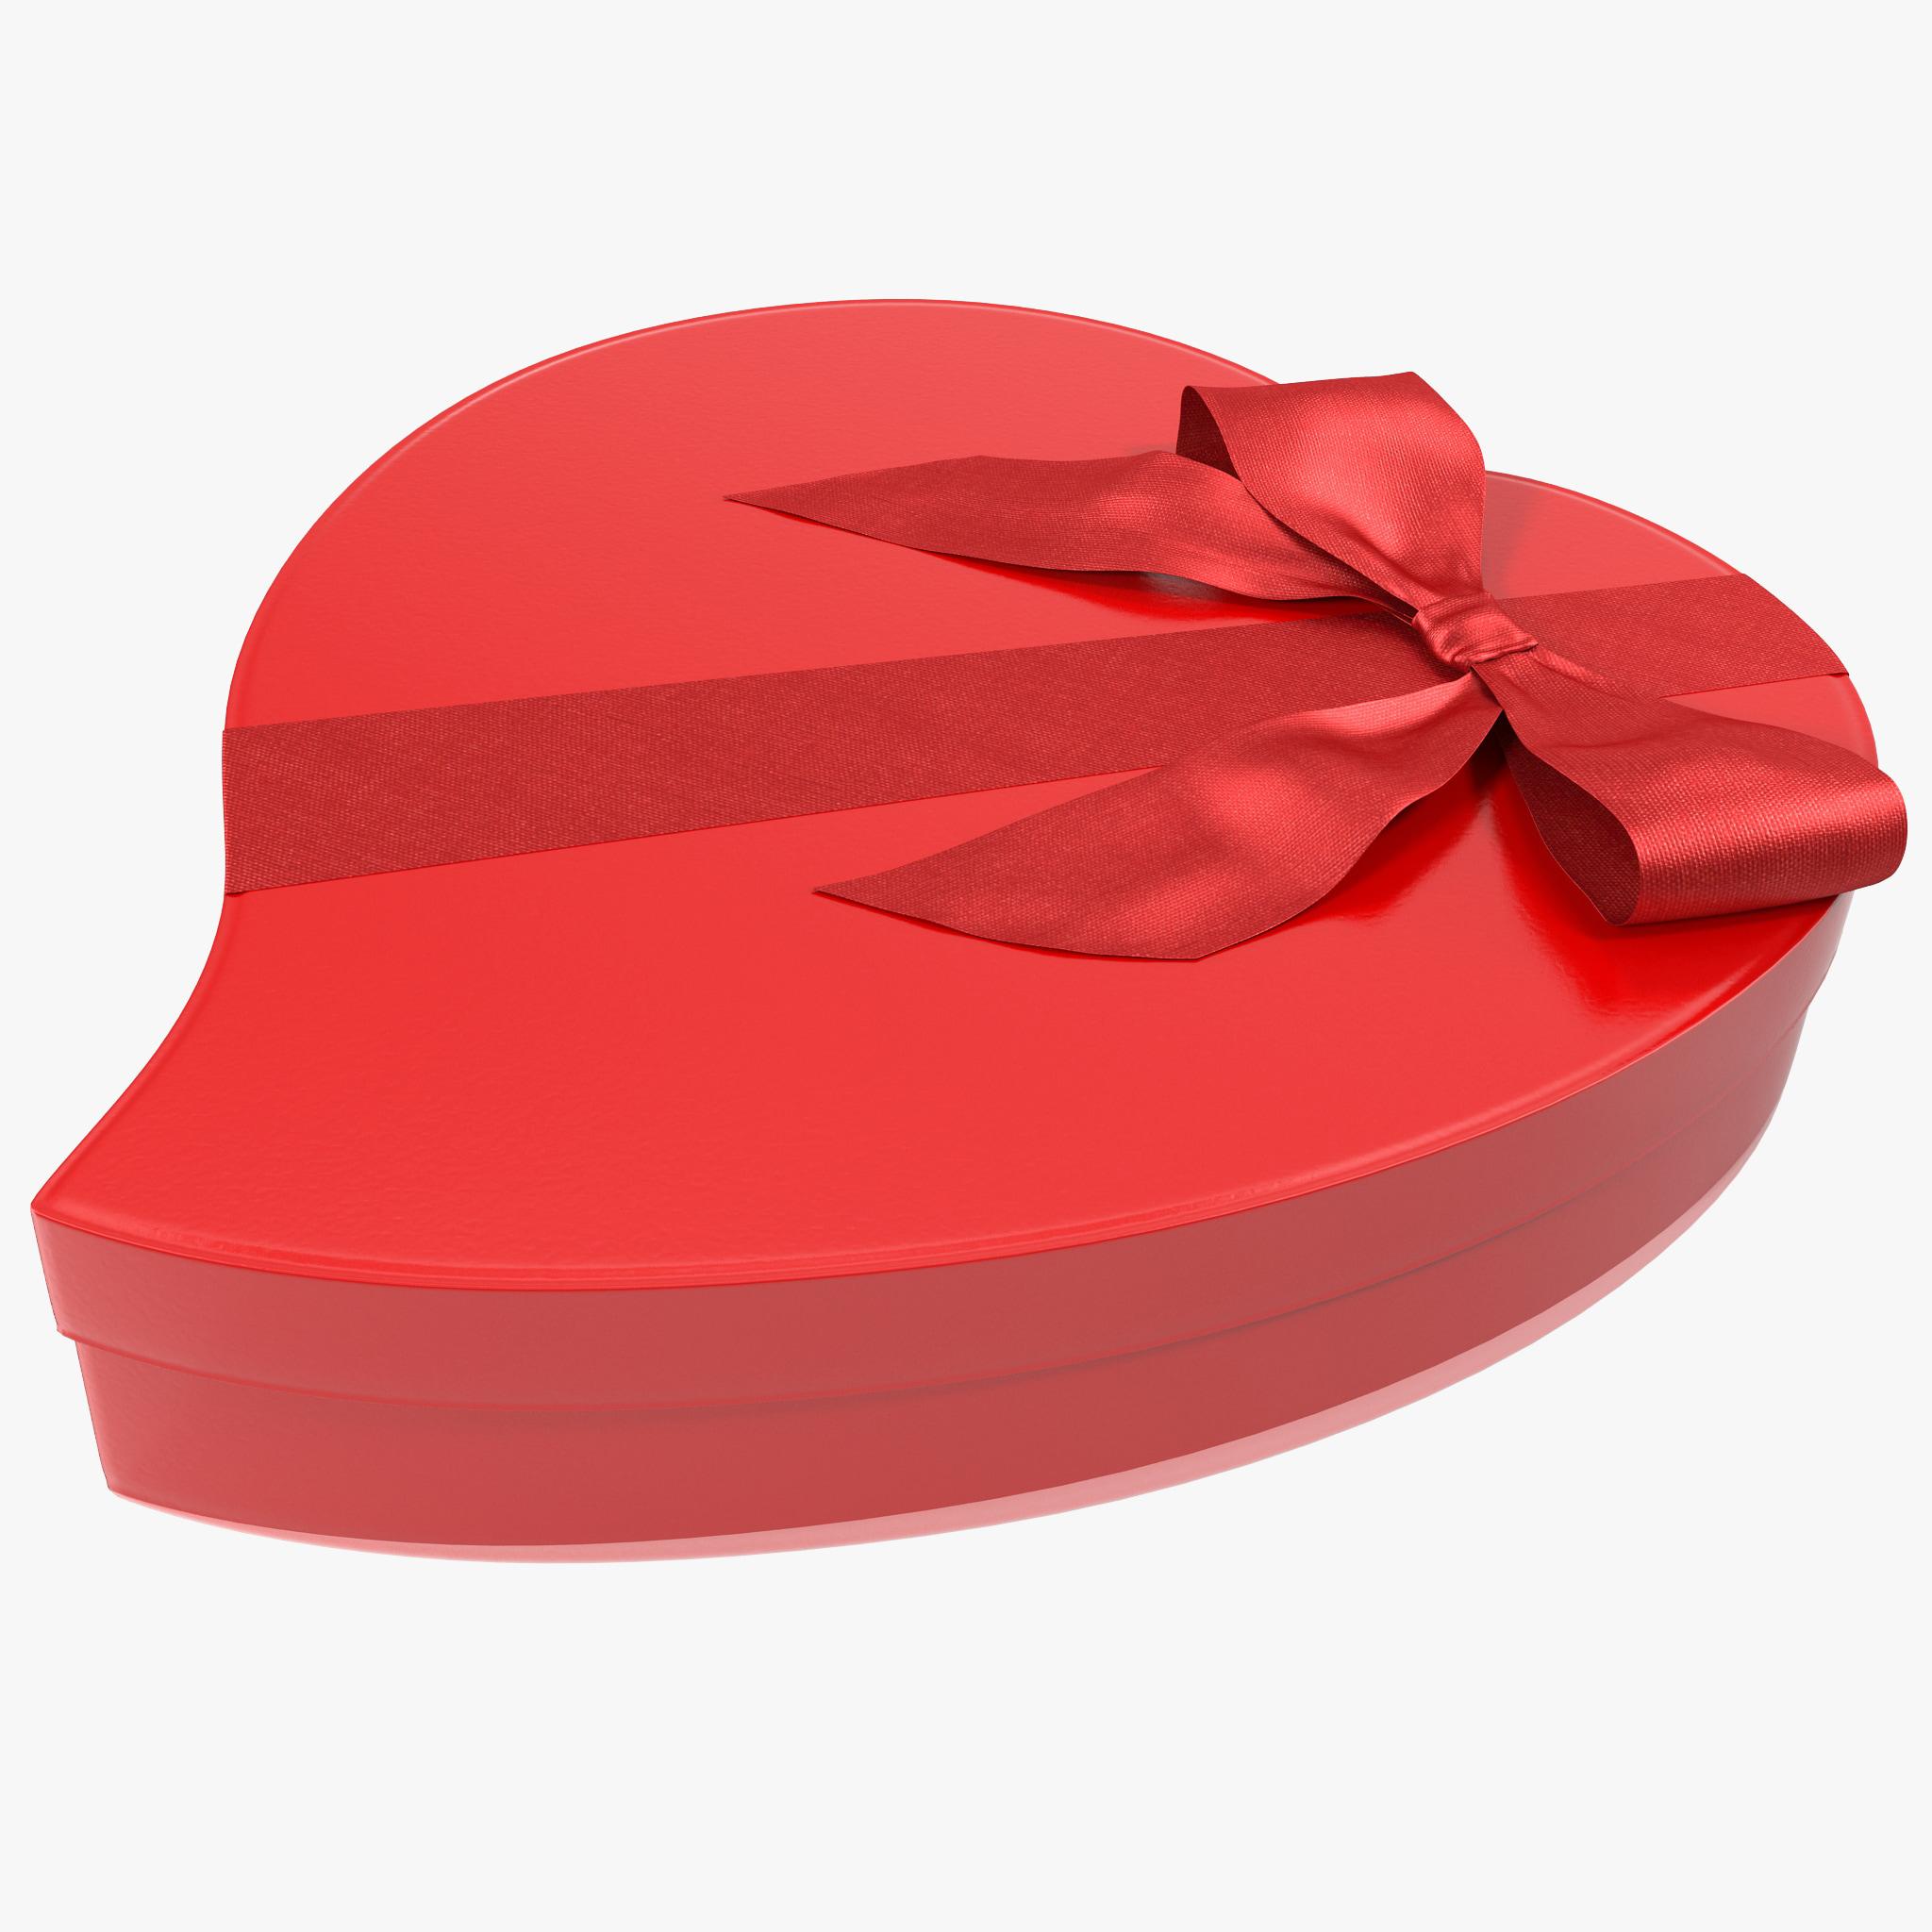 3ds gift box 8 1